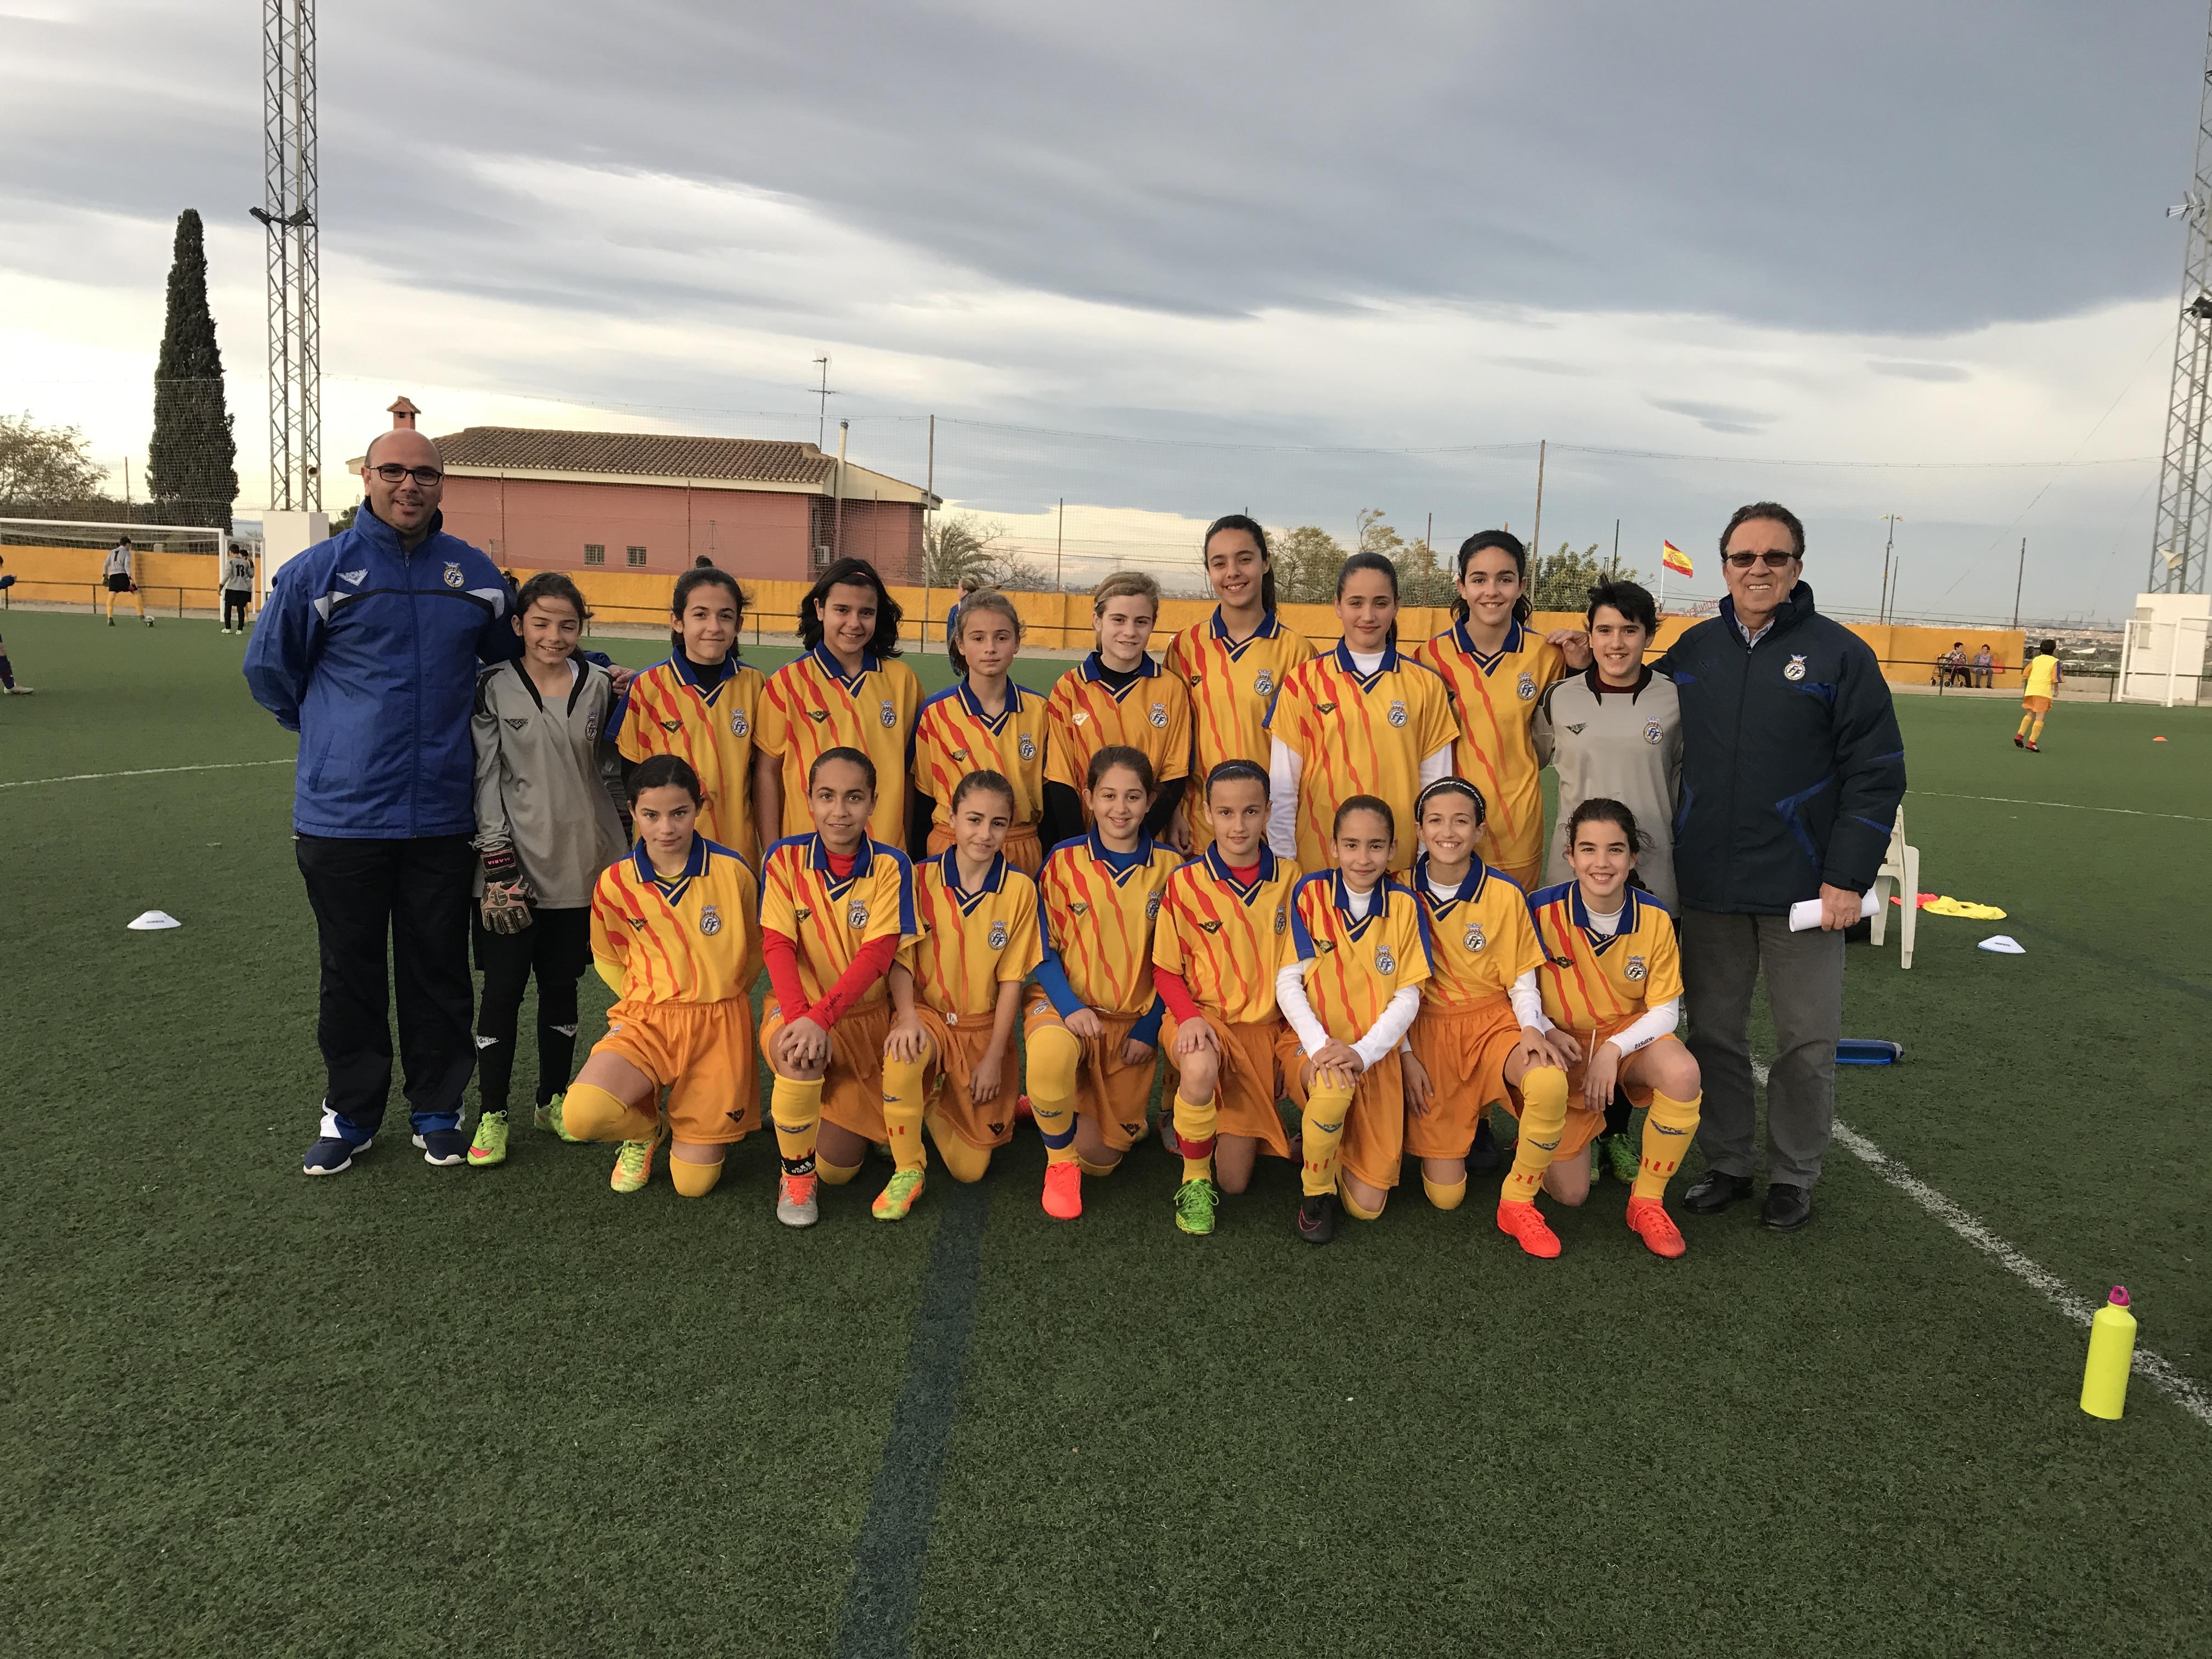 Convocatoria de entrenamiento para la selecci n sub 12 for Federacion valenciana de futbol